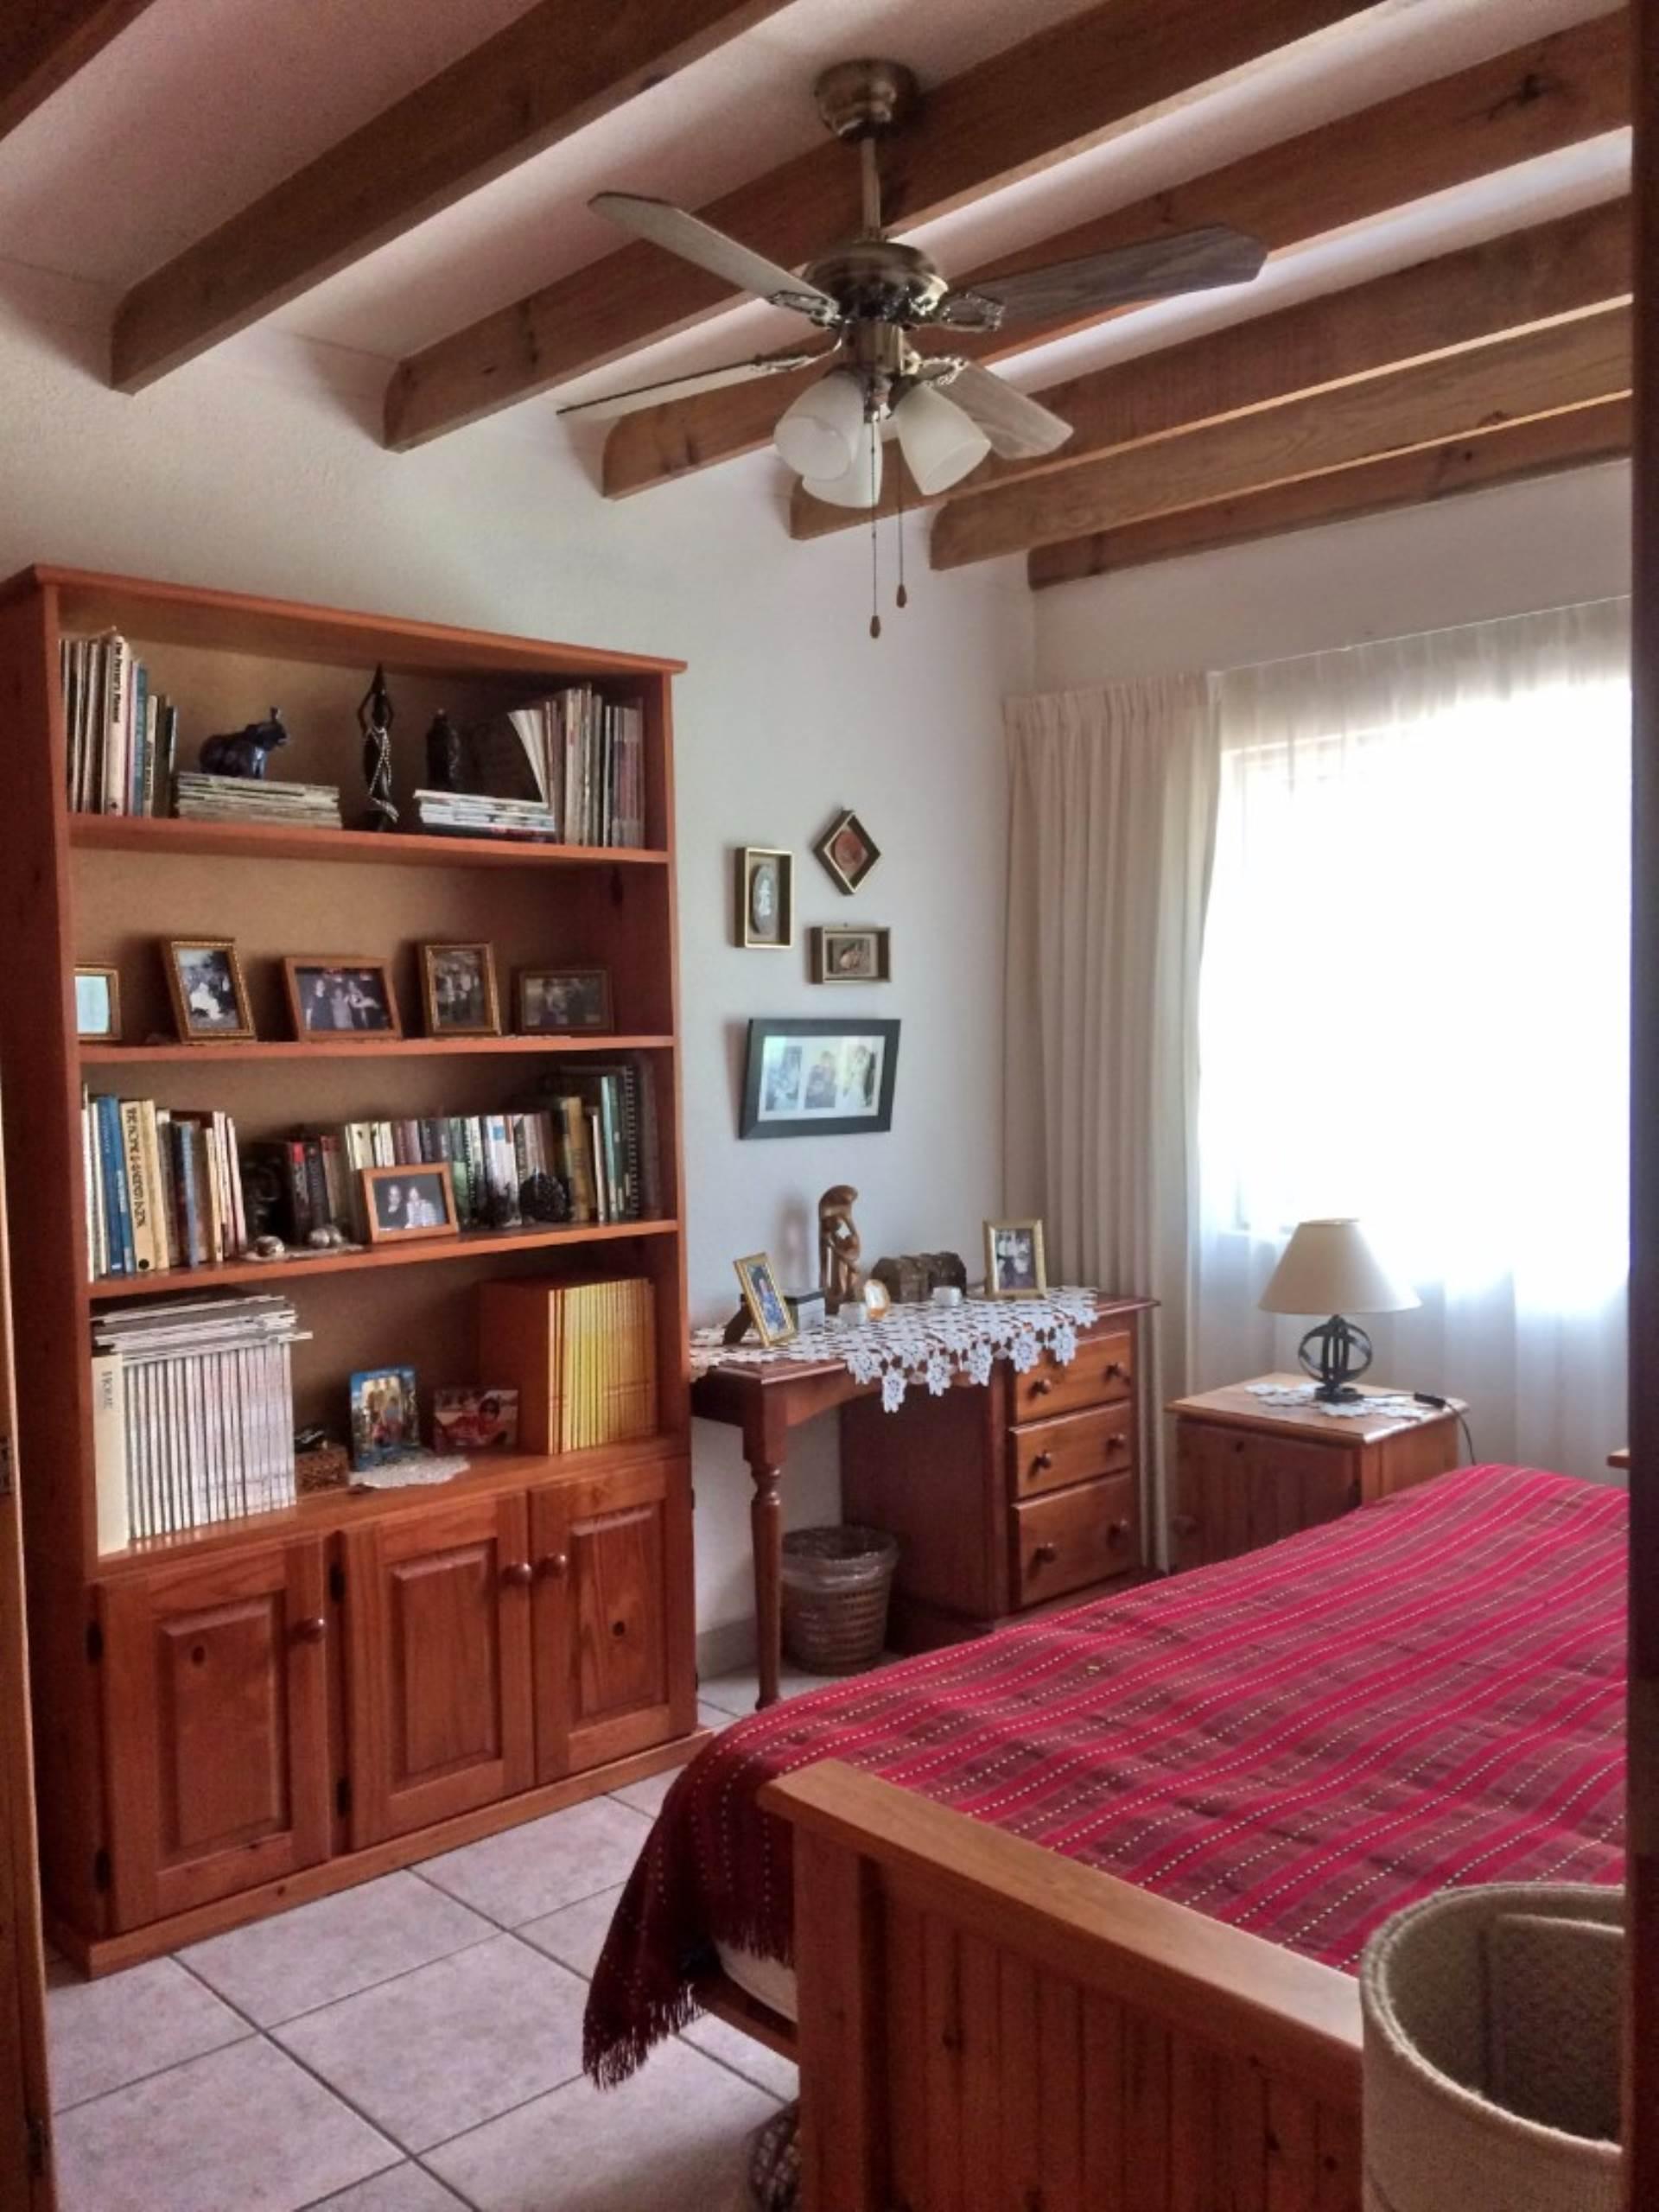 cape bedroom sedgefield for western farm property r fans ceiling sale in swartvlei